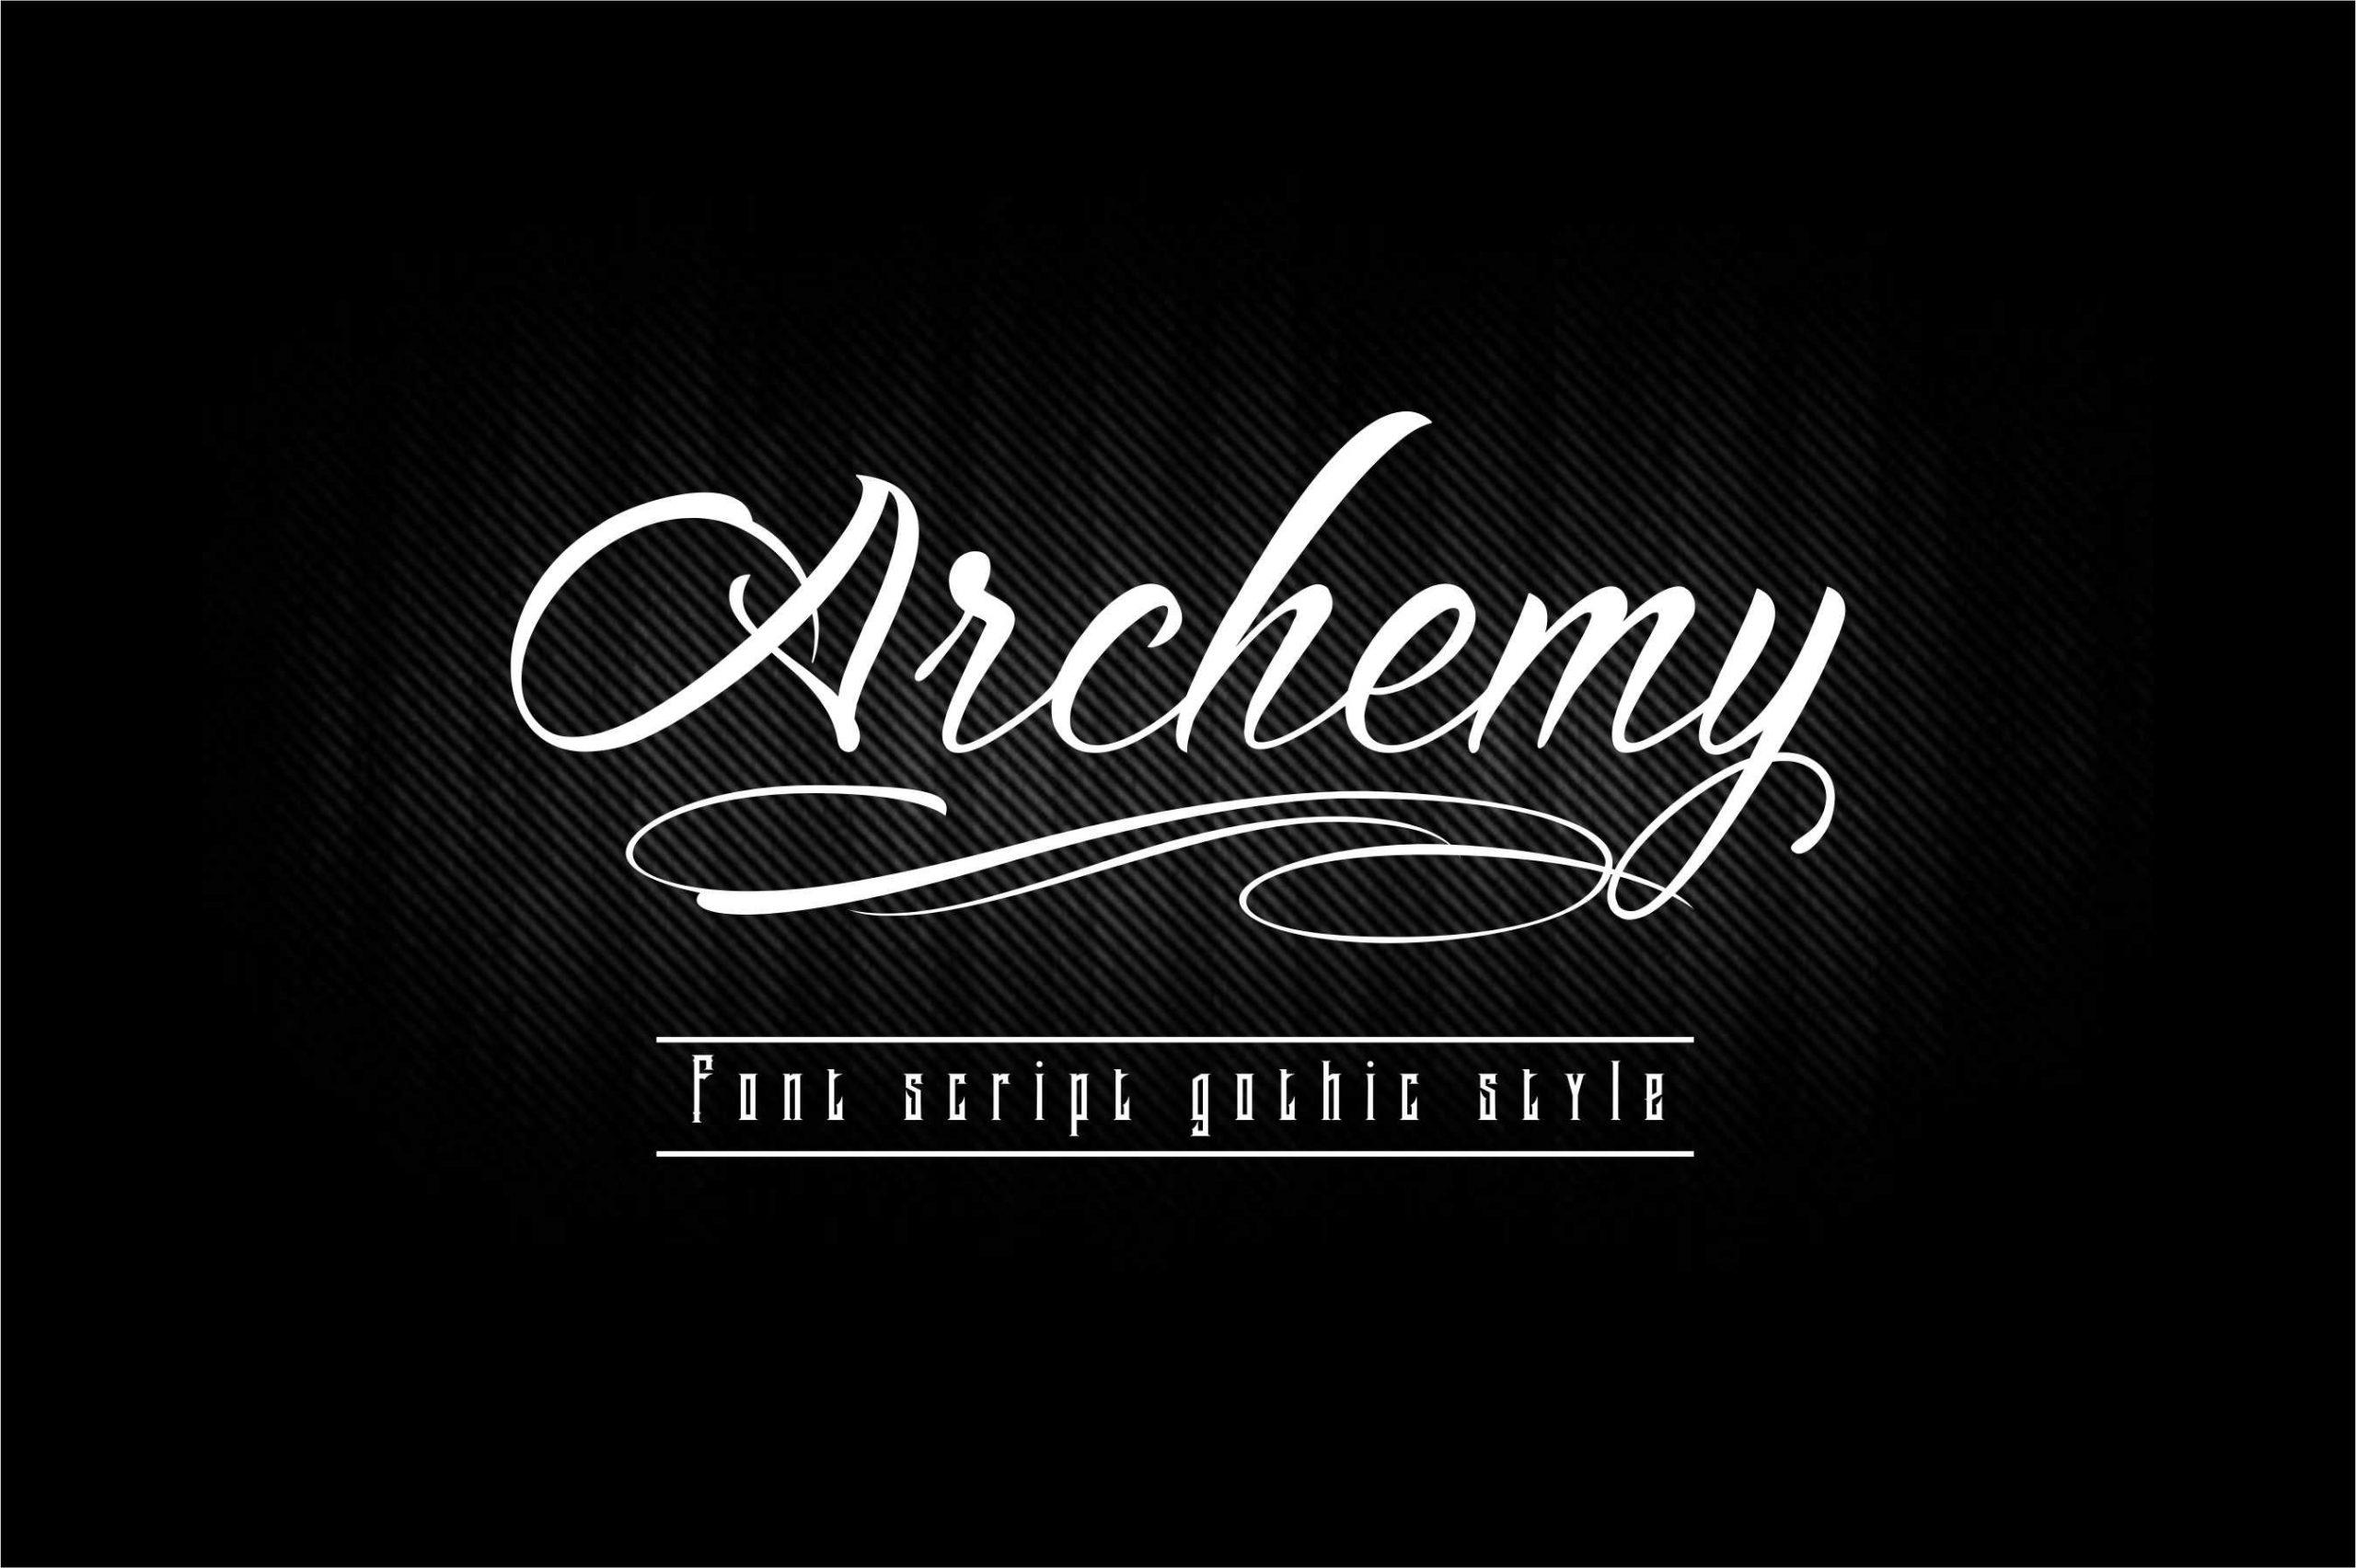 Archemy-Font